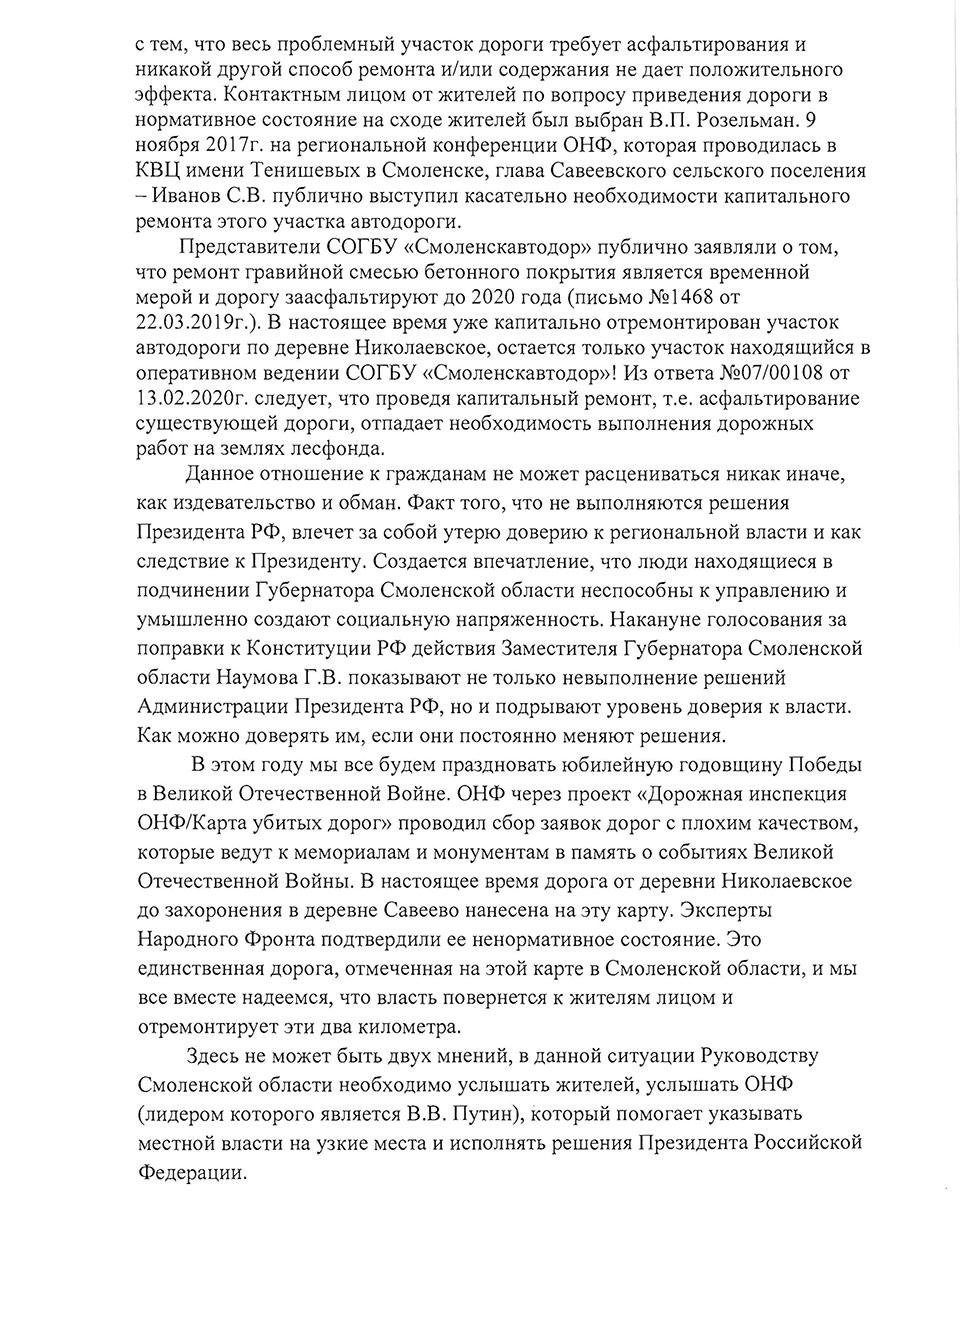 Открытое письмо Президенту Российской Федерации 2